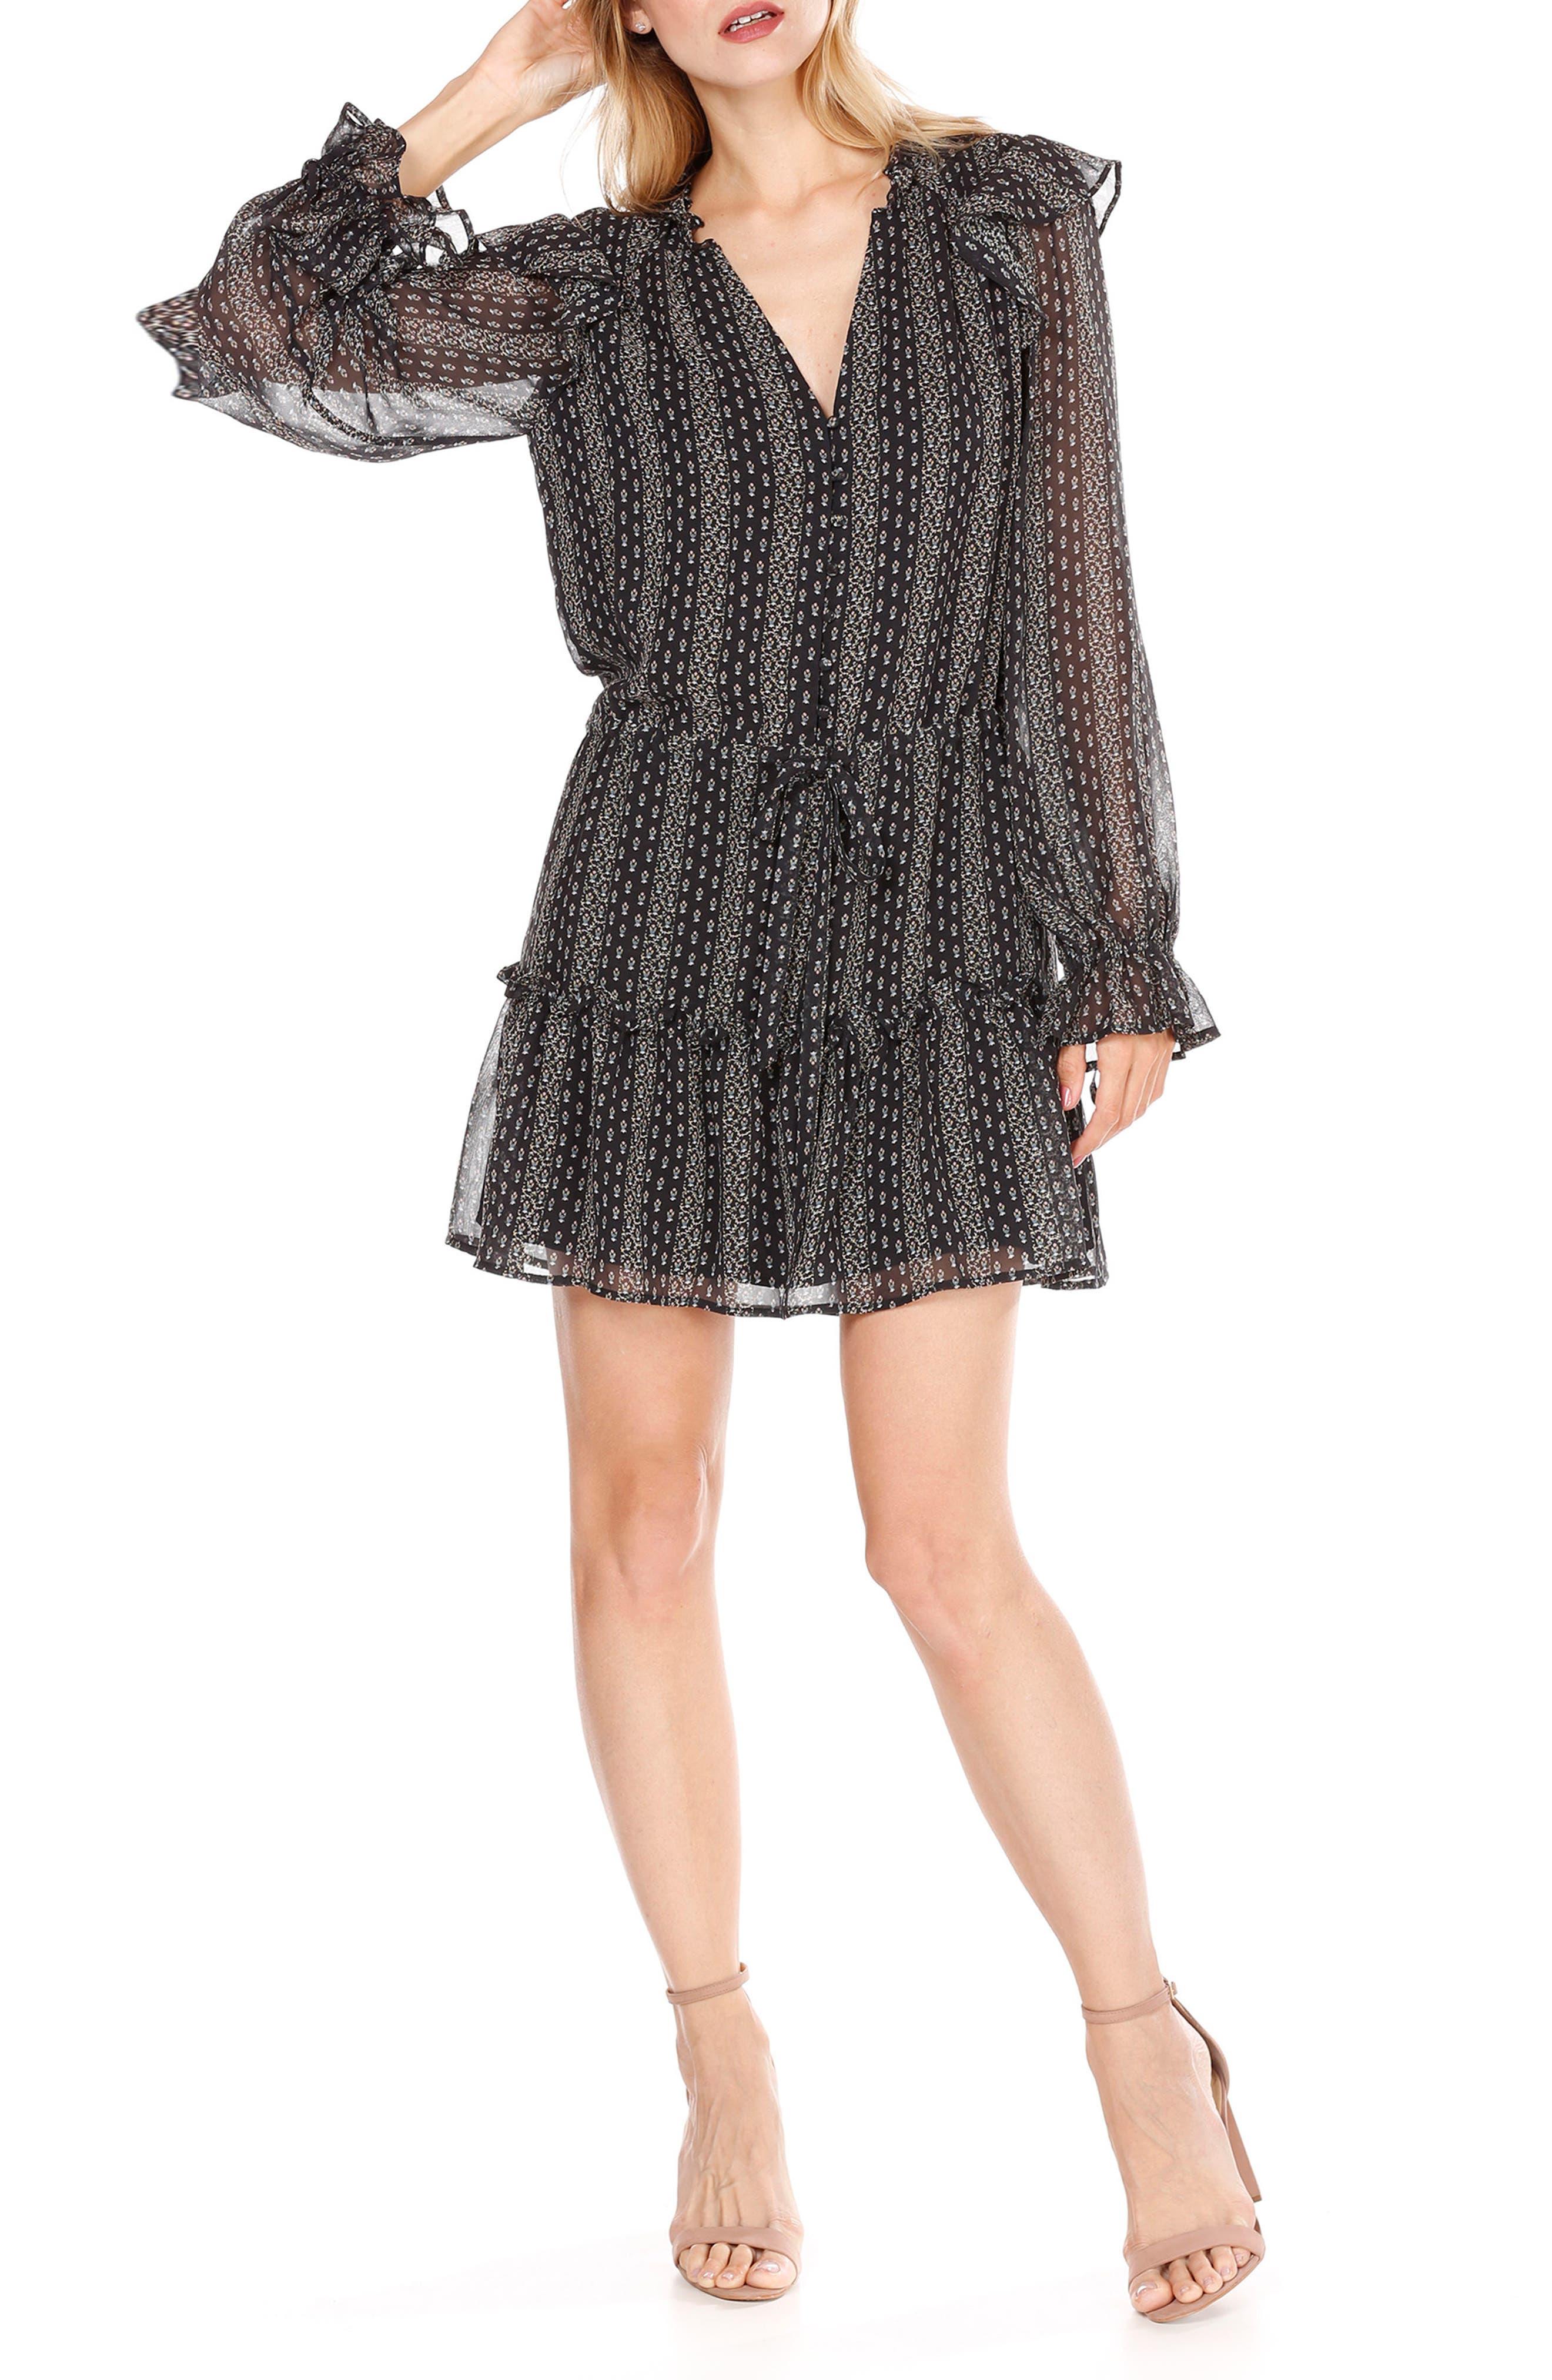 Pomello Silk Blouson Dress,                             Main thumbnail 1, color,                             Black Multi Mini Palace Garden